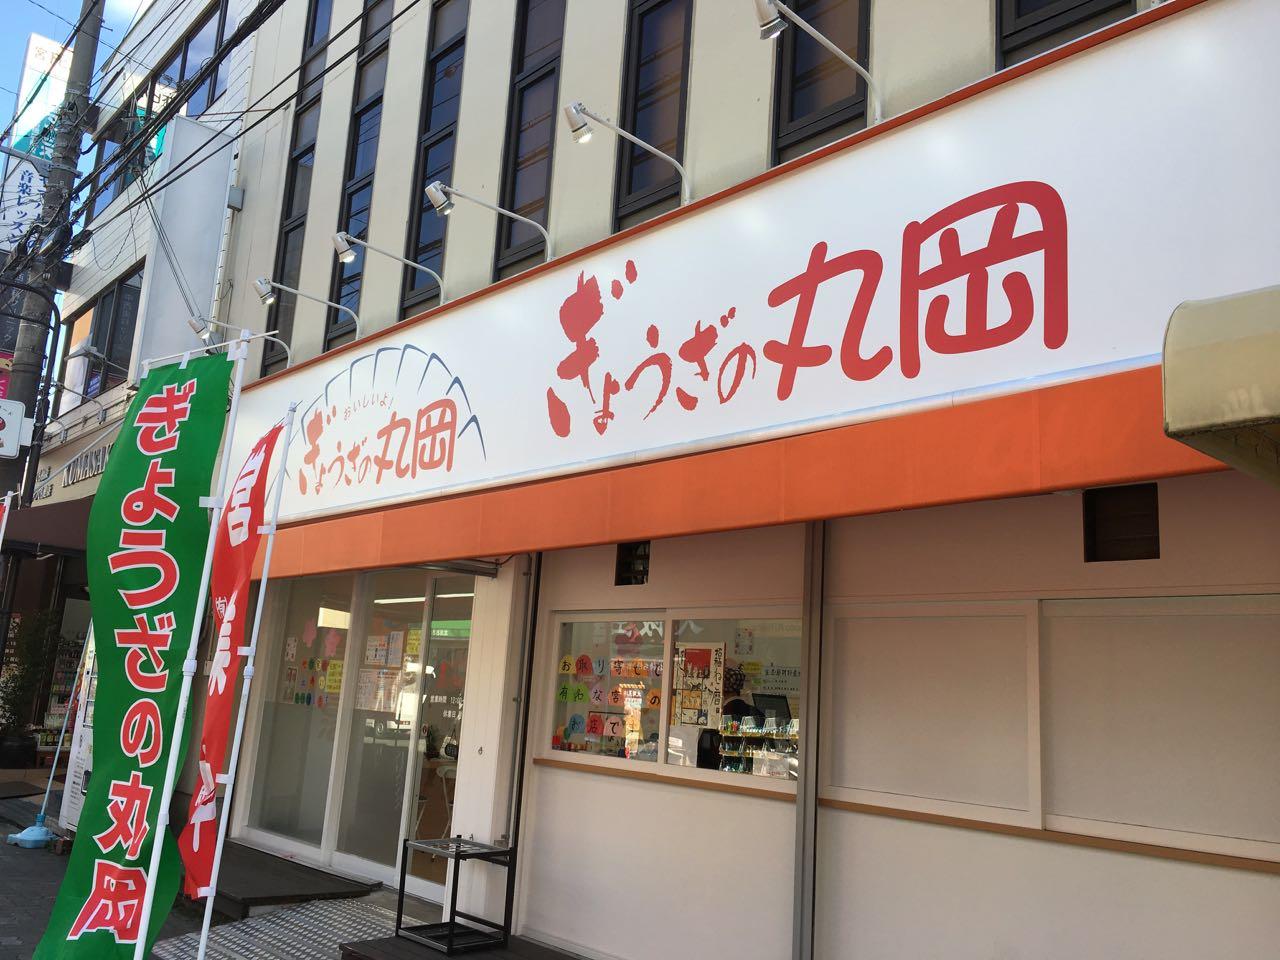 石橋駅前にぎょうざの丸岡!おとりよせで超有名!